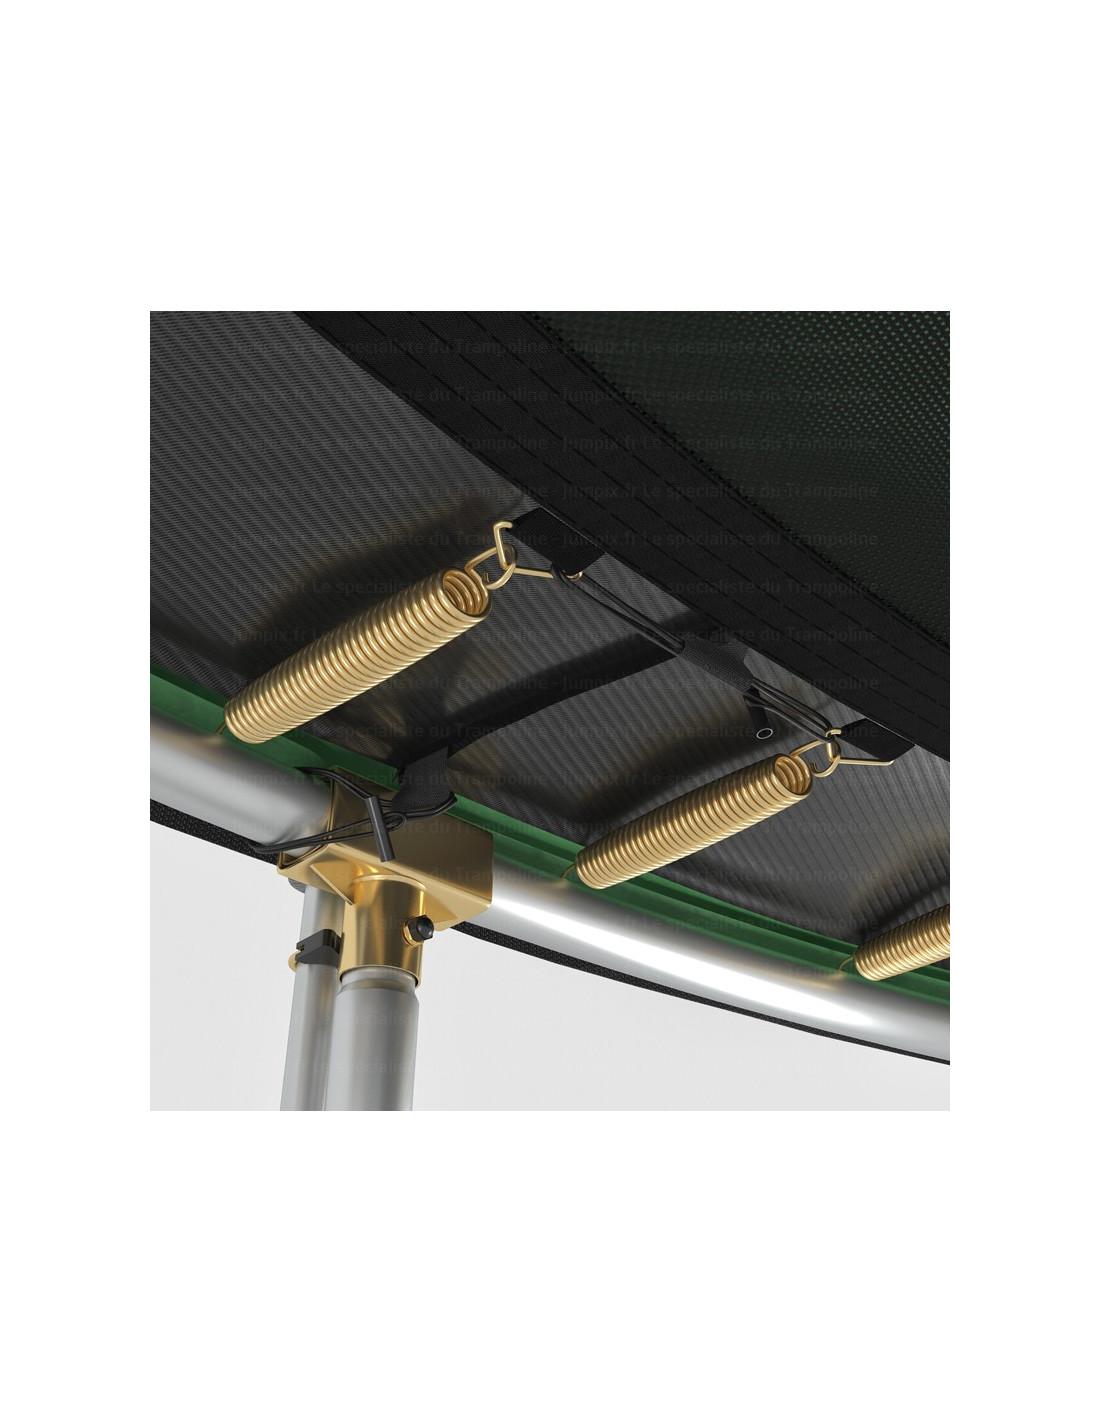 coussin de protection pour trampoline 430 cm mousse de protection pour trampoline topflex. Black Bedroom Furniture Sets. Home Design Ideas